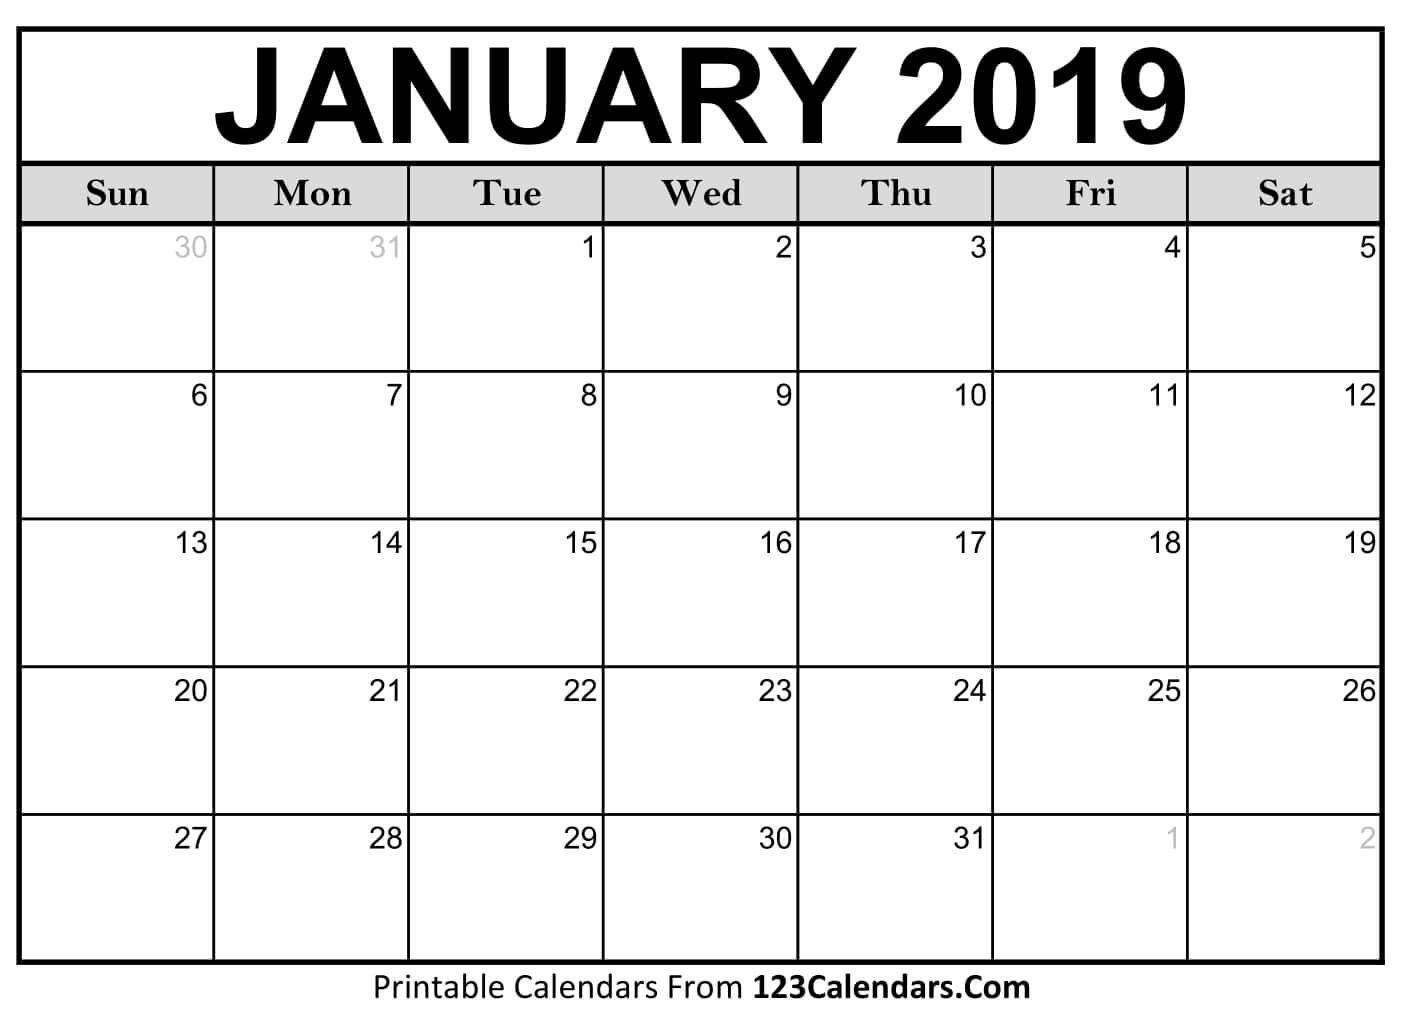 2019 Printable Calendar – 123Calendars Images Of A 2019 Calendar